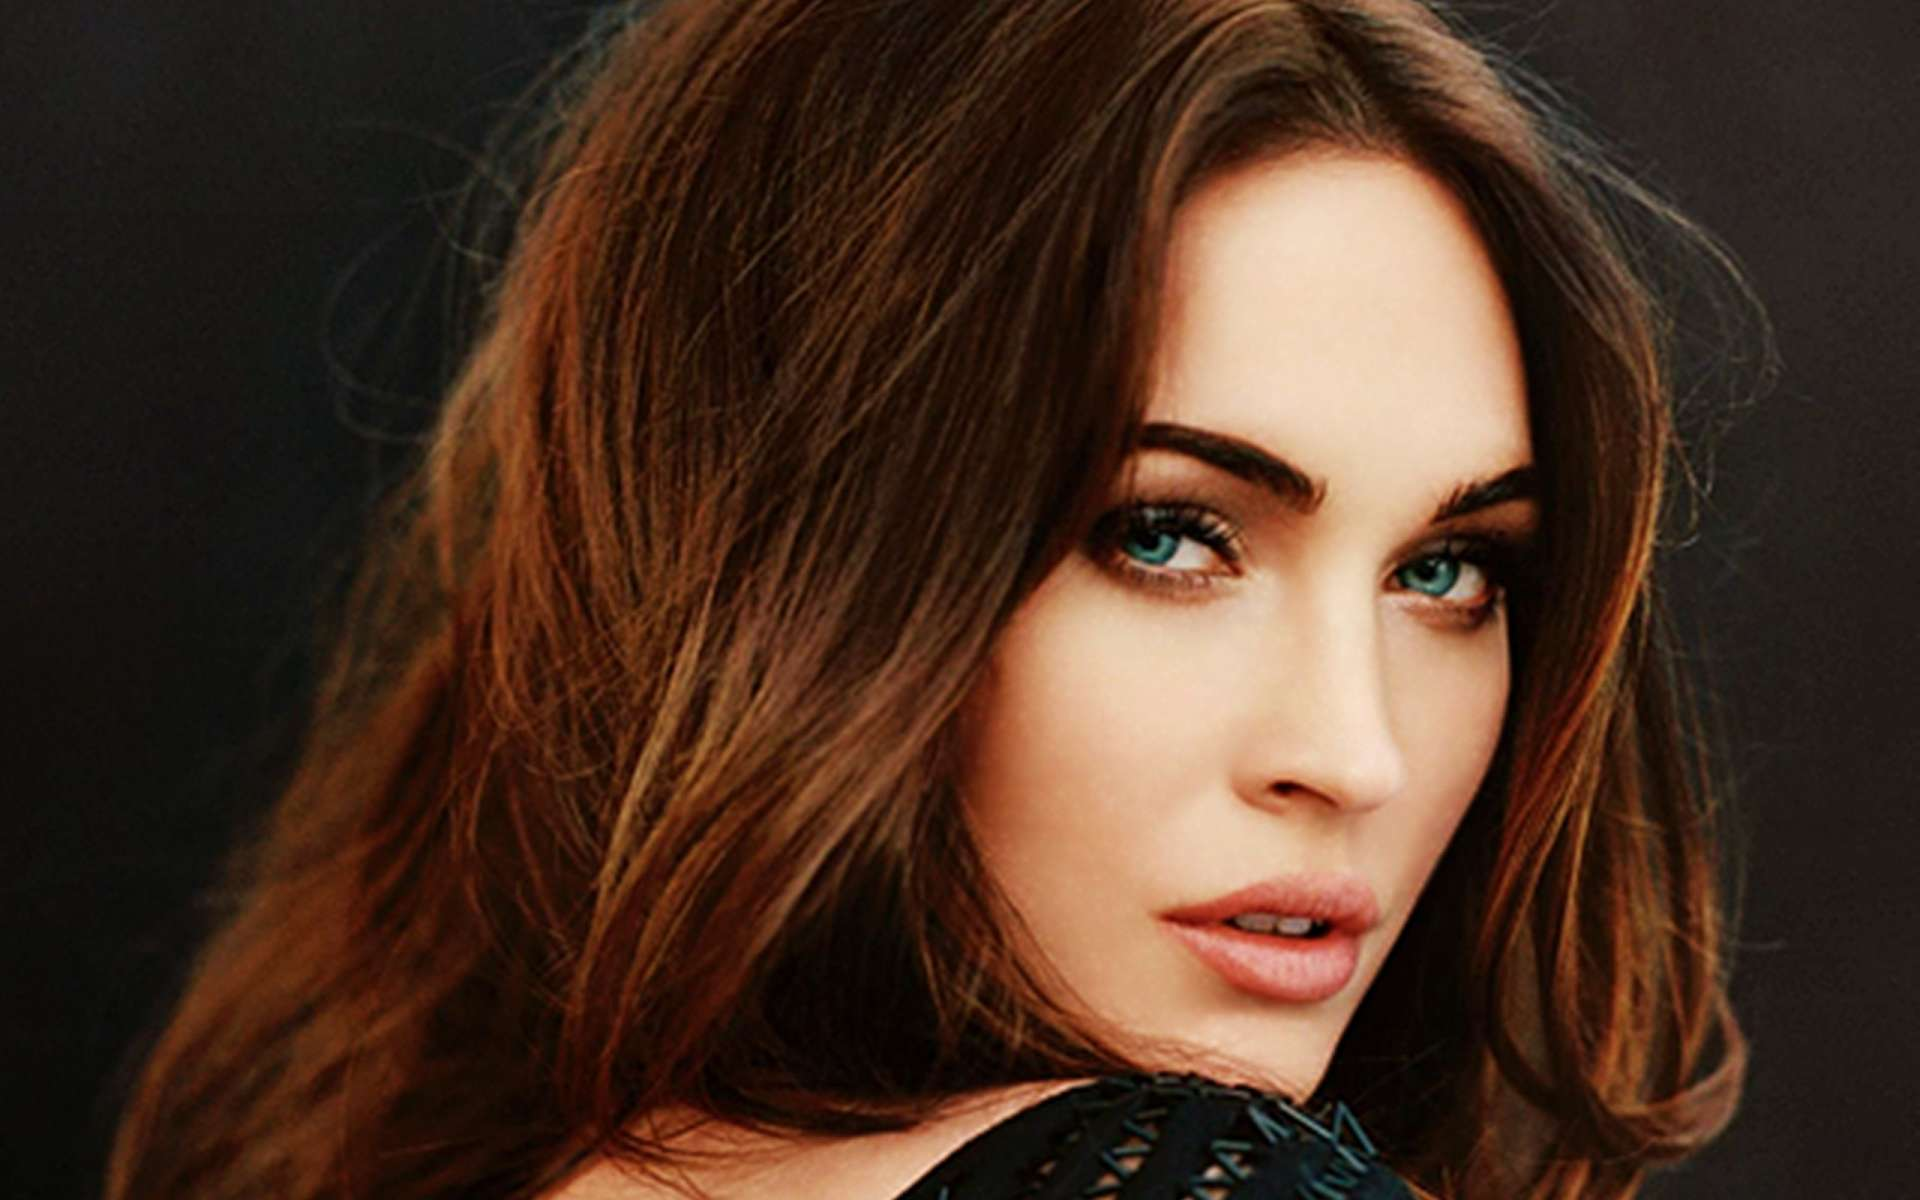 Megan Fox HD Wallpaper | Background Image | 1920x1200 | ID ...